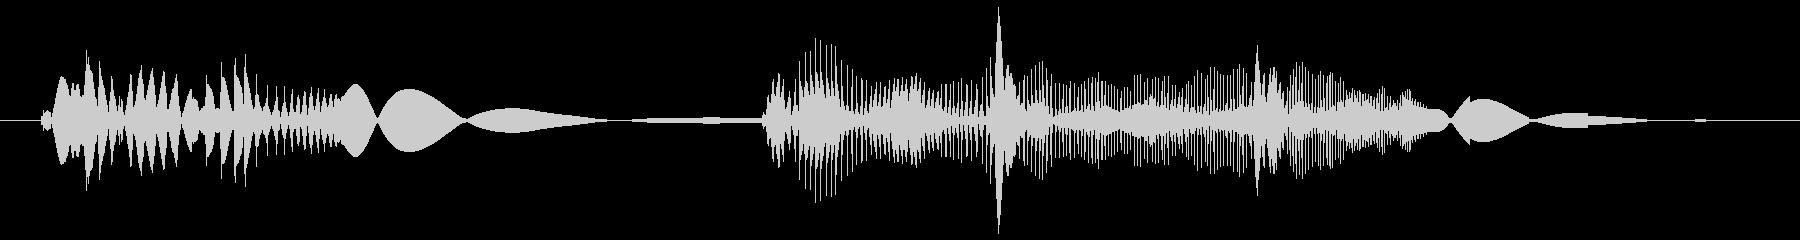 レコードスクラッチの未再生の波形